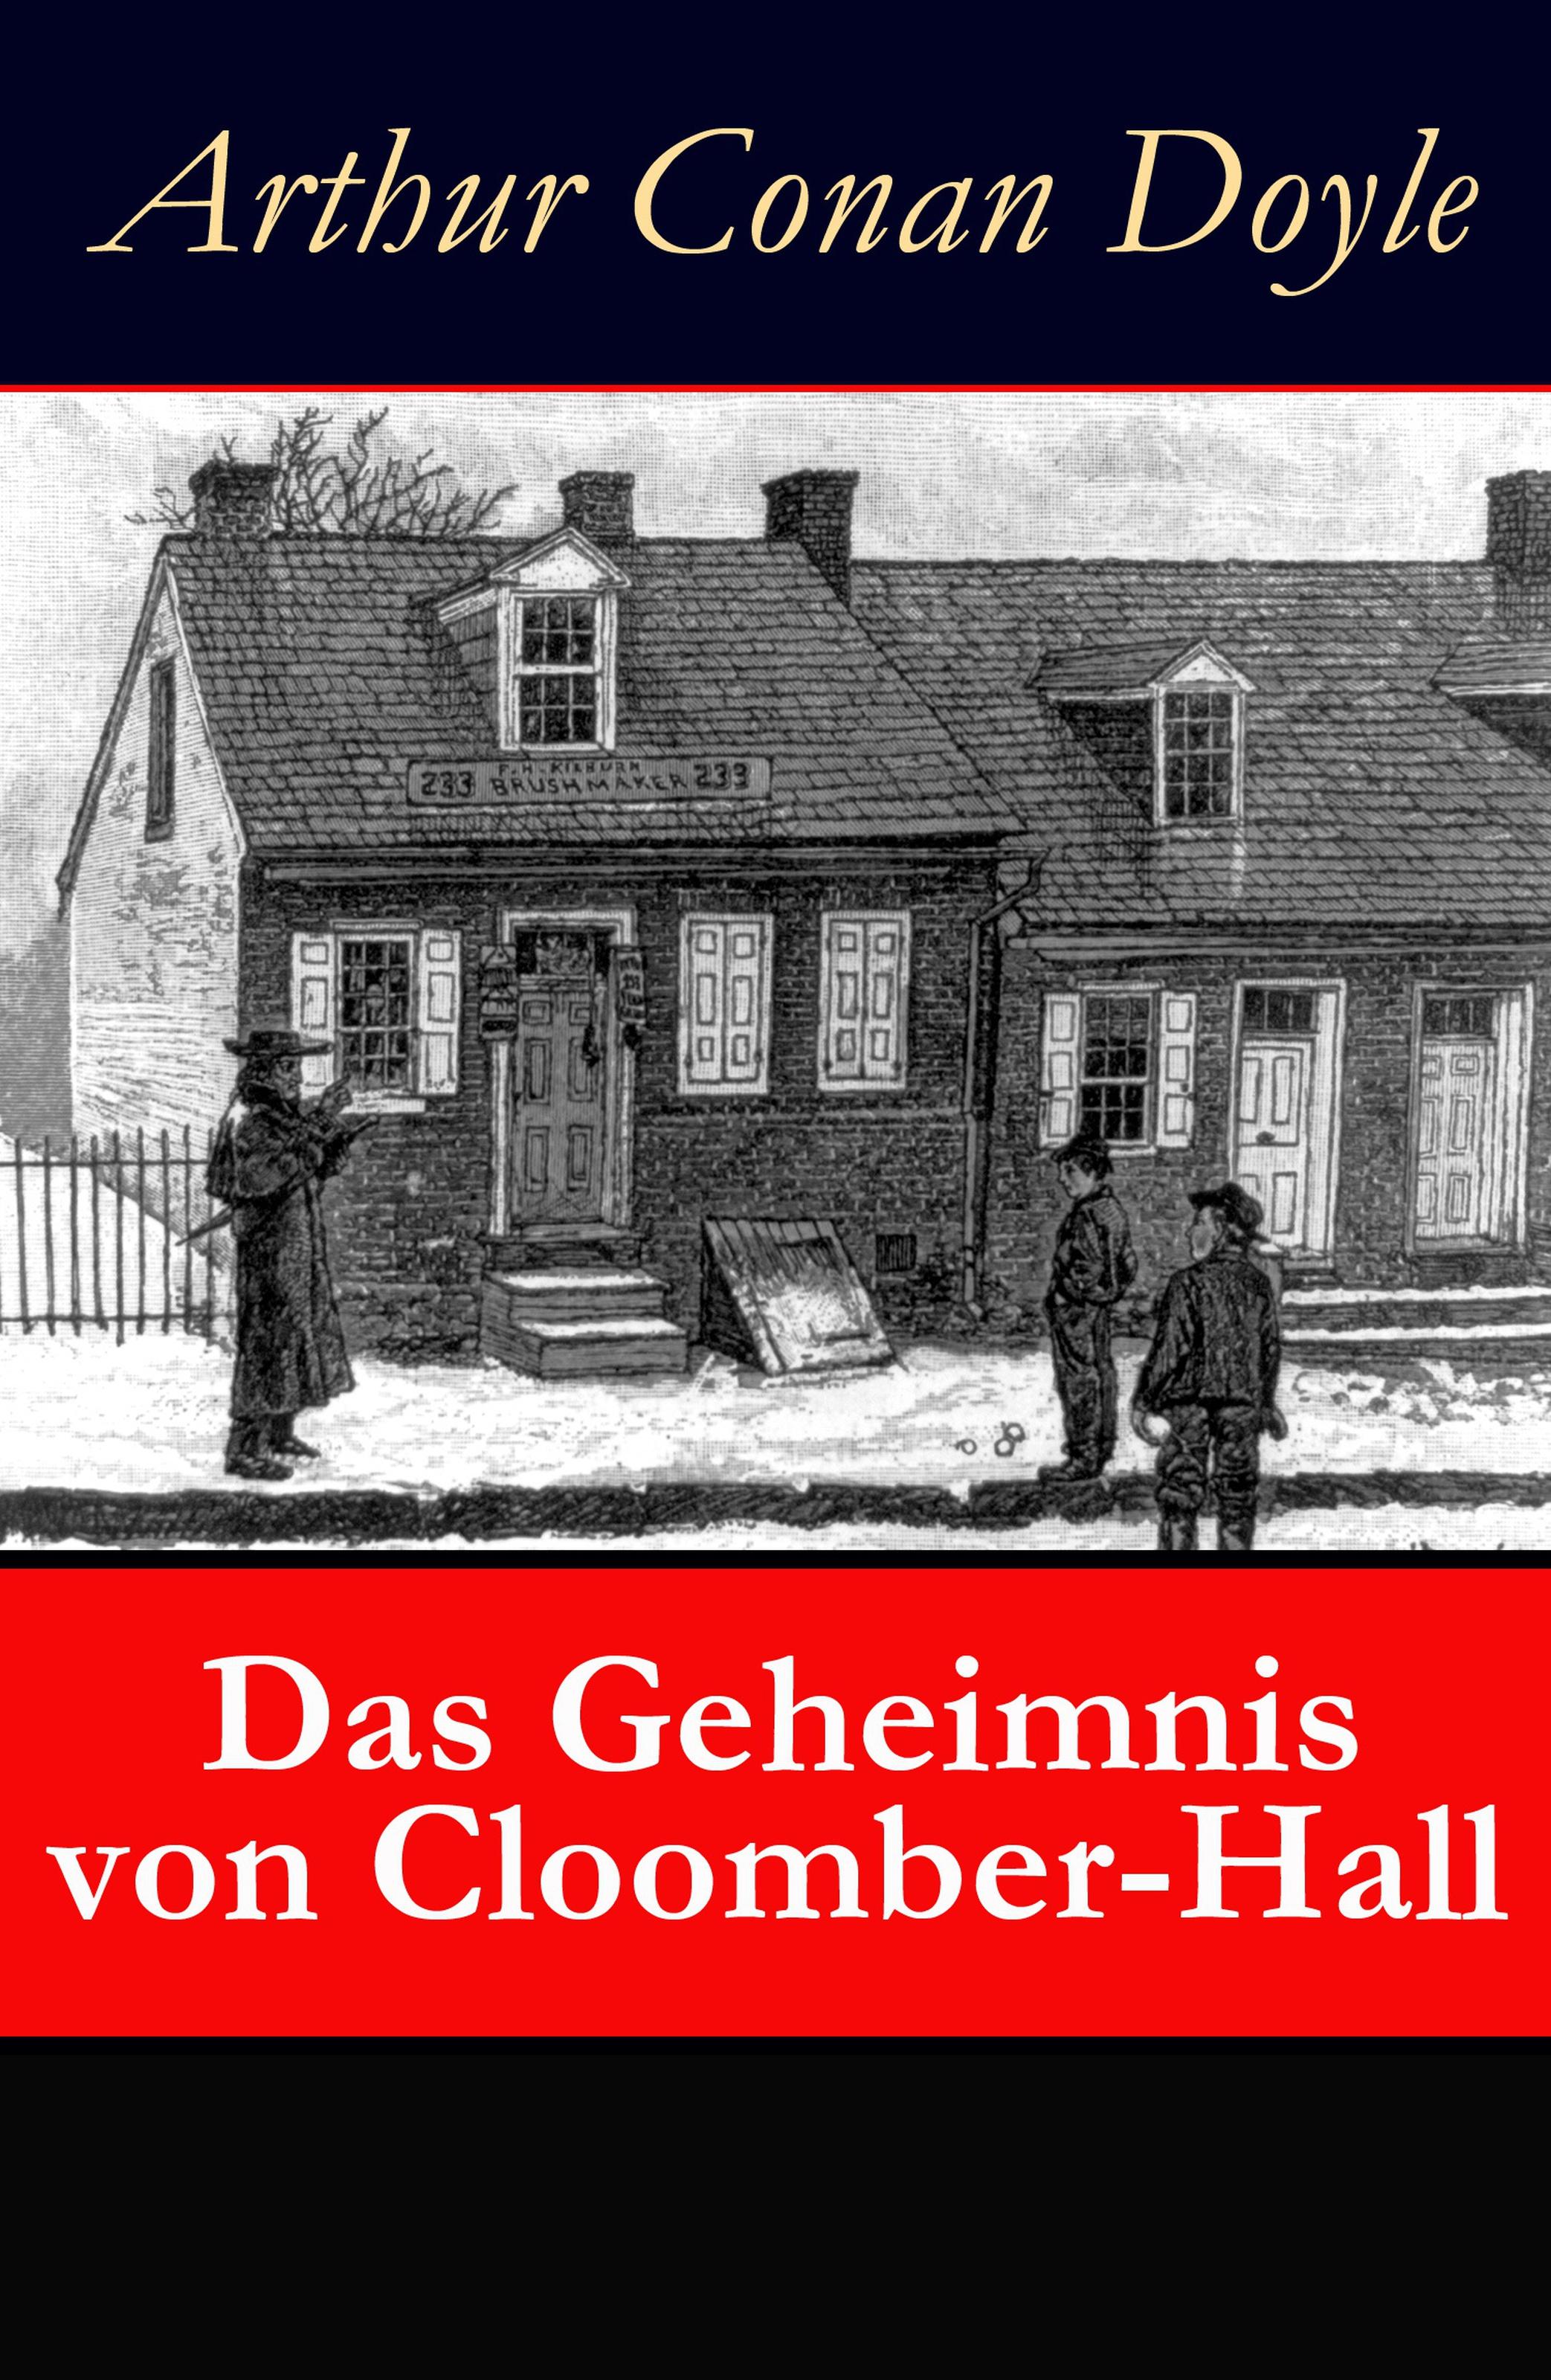 Фото - Arthur Conan Doyle Das Geheimnis von Cloomber-Hall arthur conan doyle the mystery of cloomber